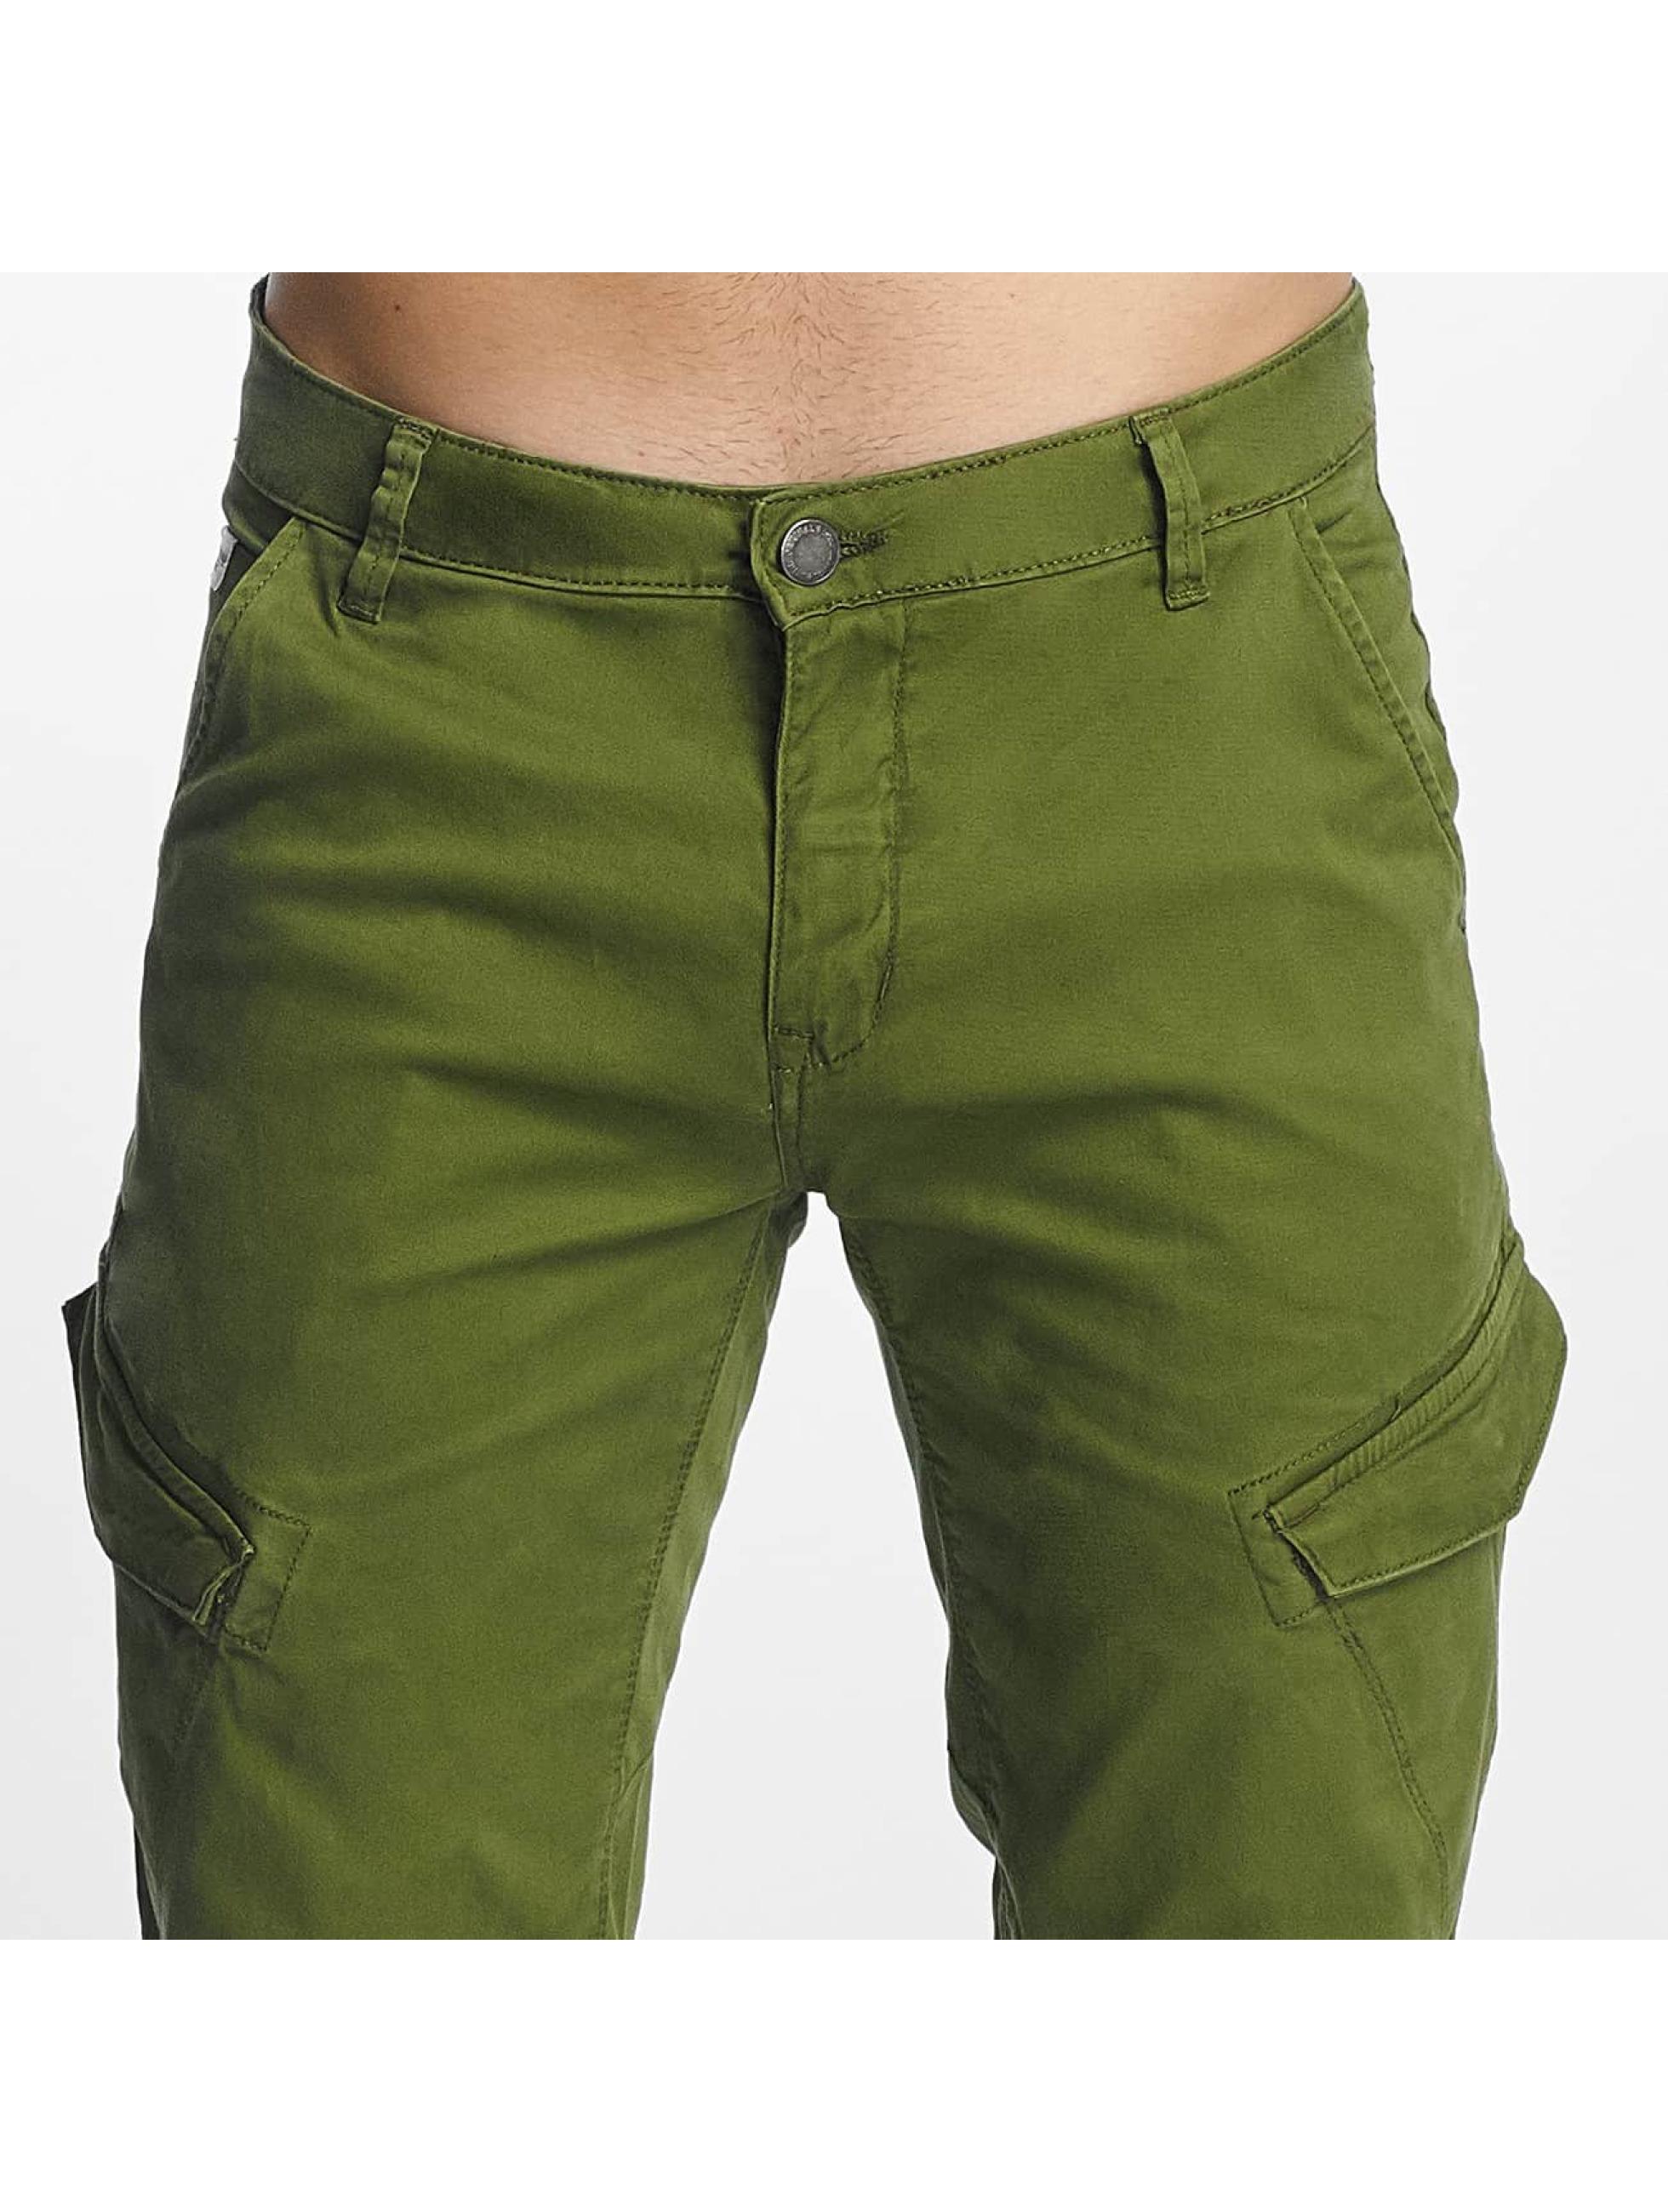 SHINE Original Cargohose Slim grün